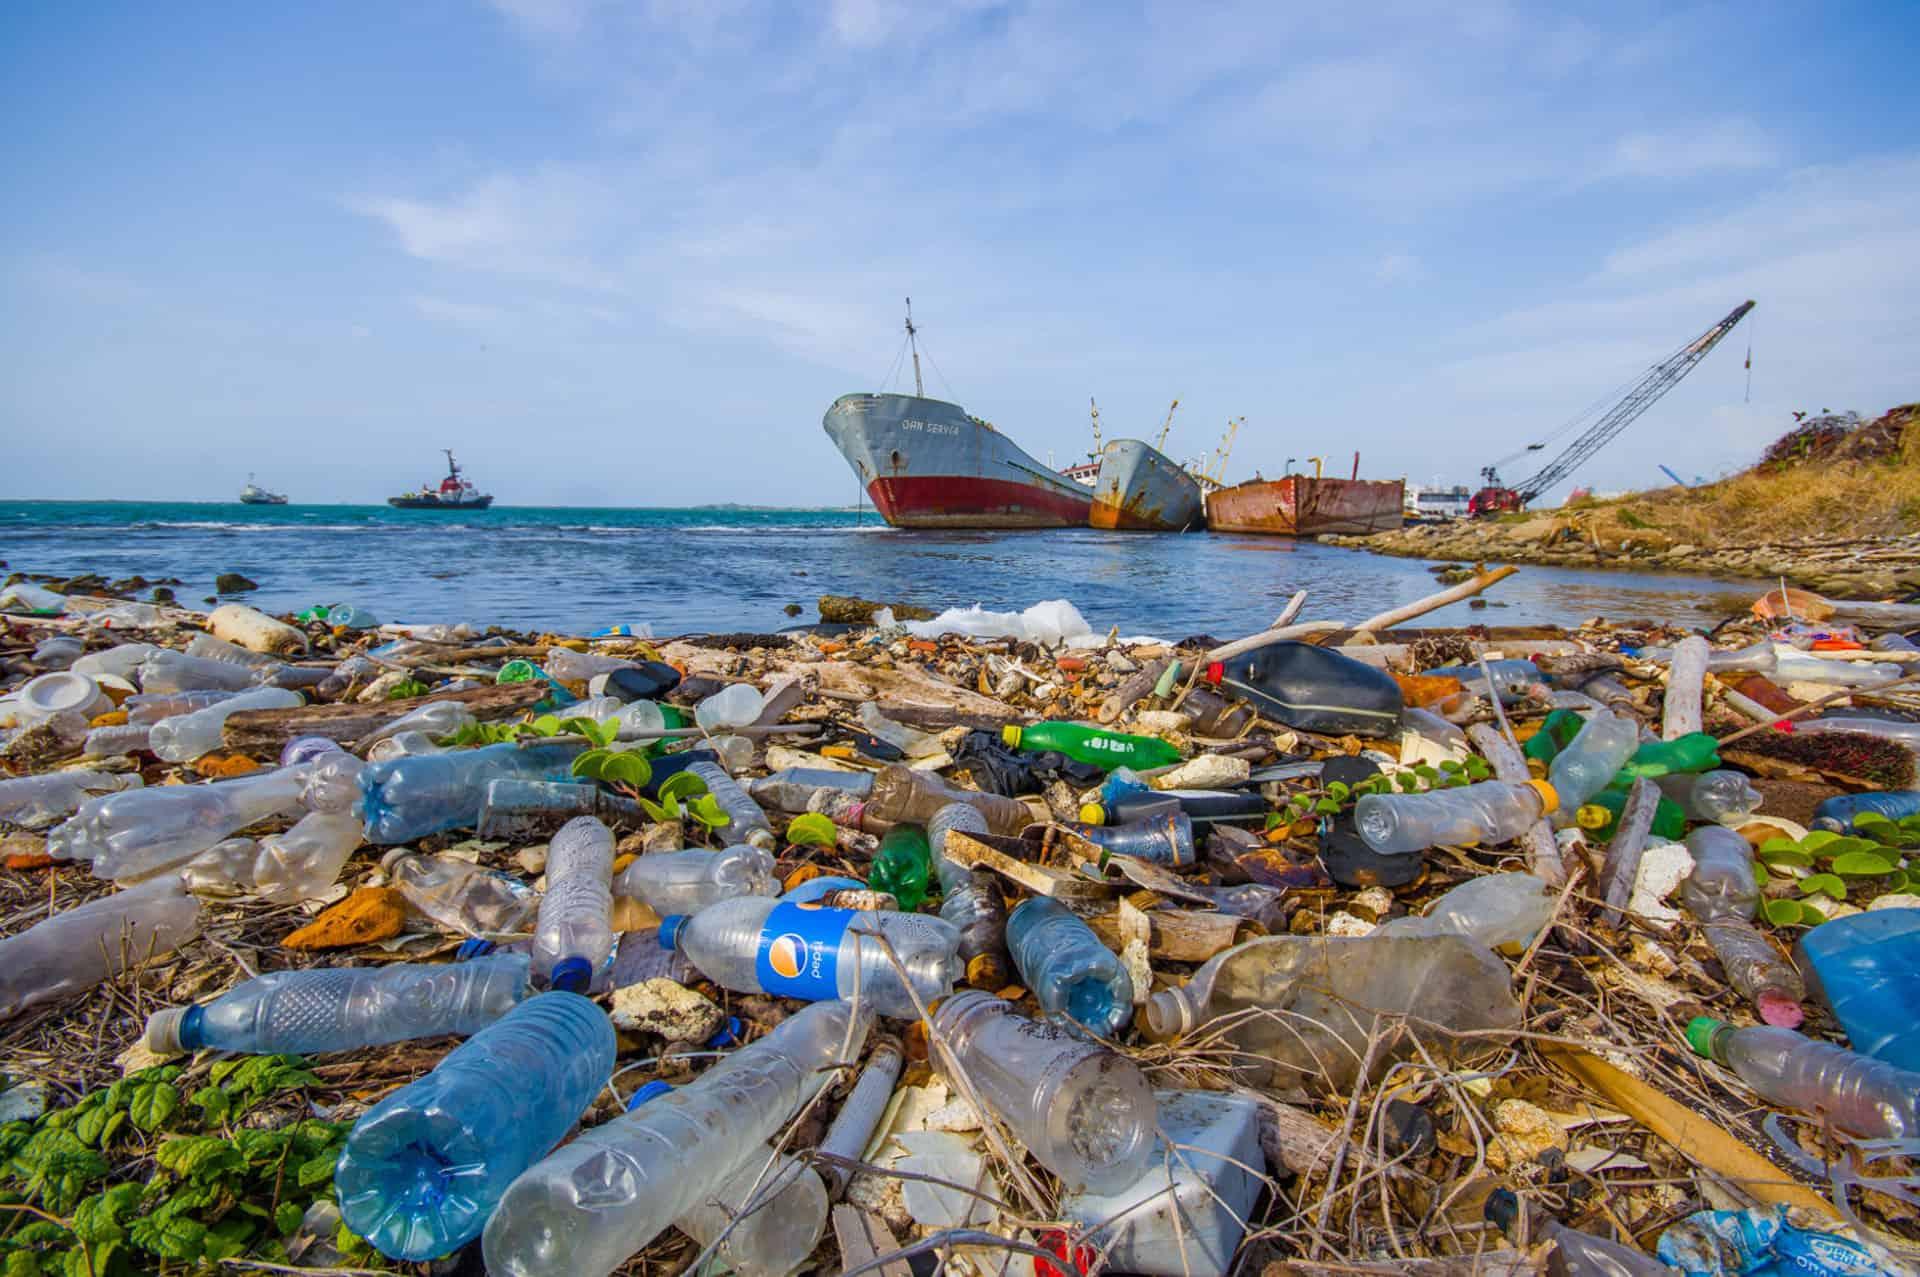 Αποτέλεσμα εικόνας για σκουπιδια στις θαλασσες